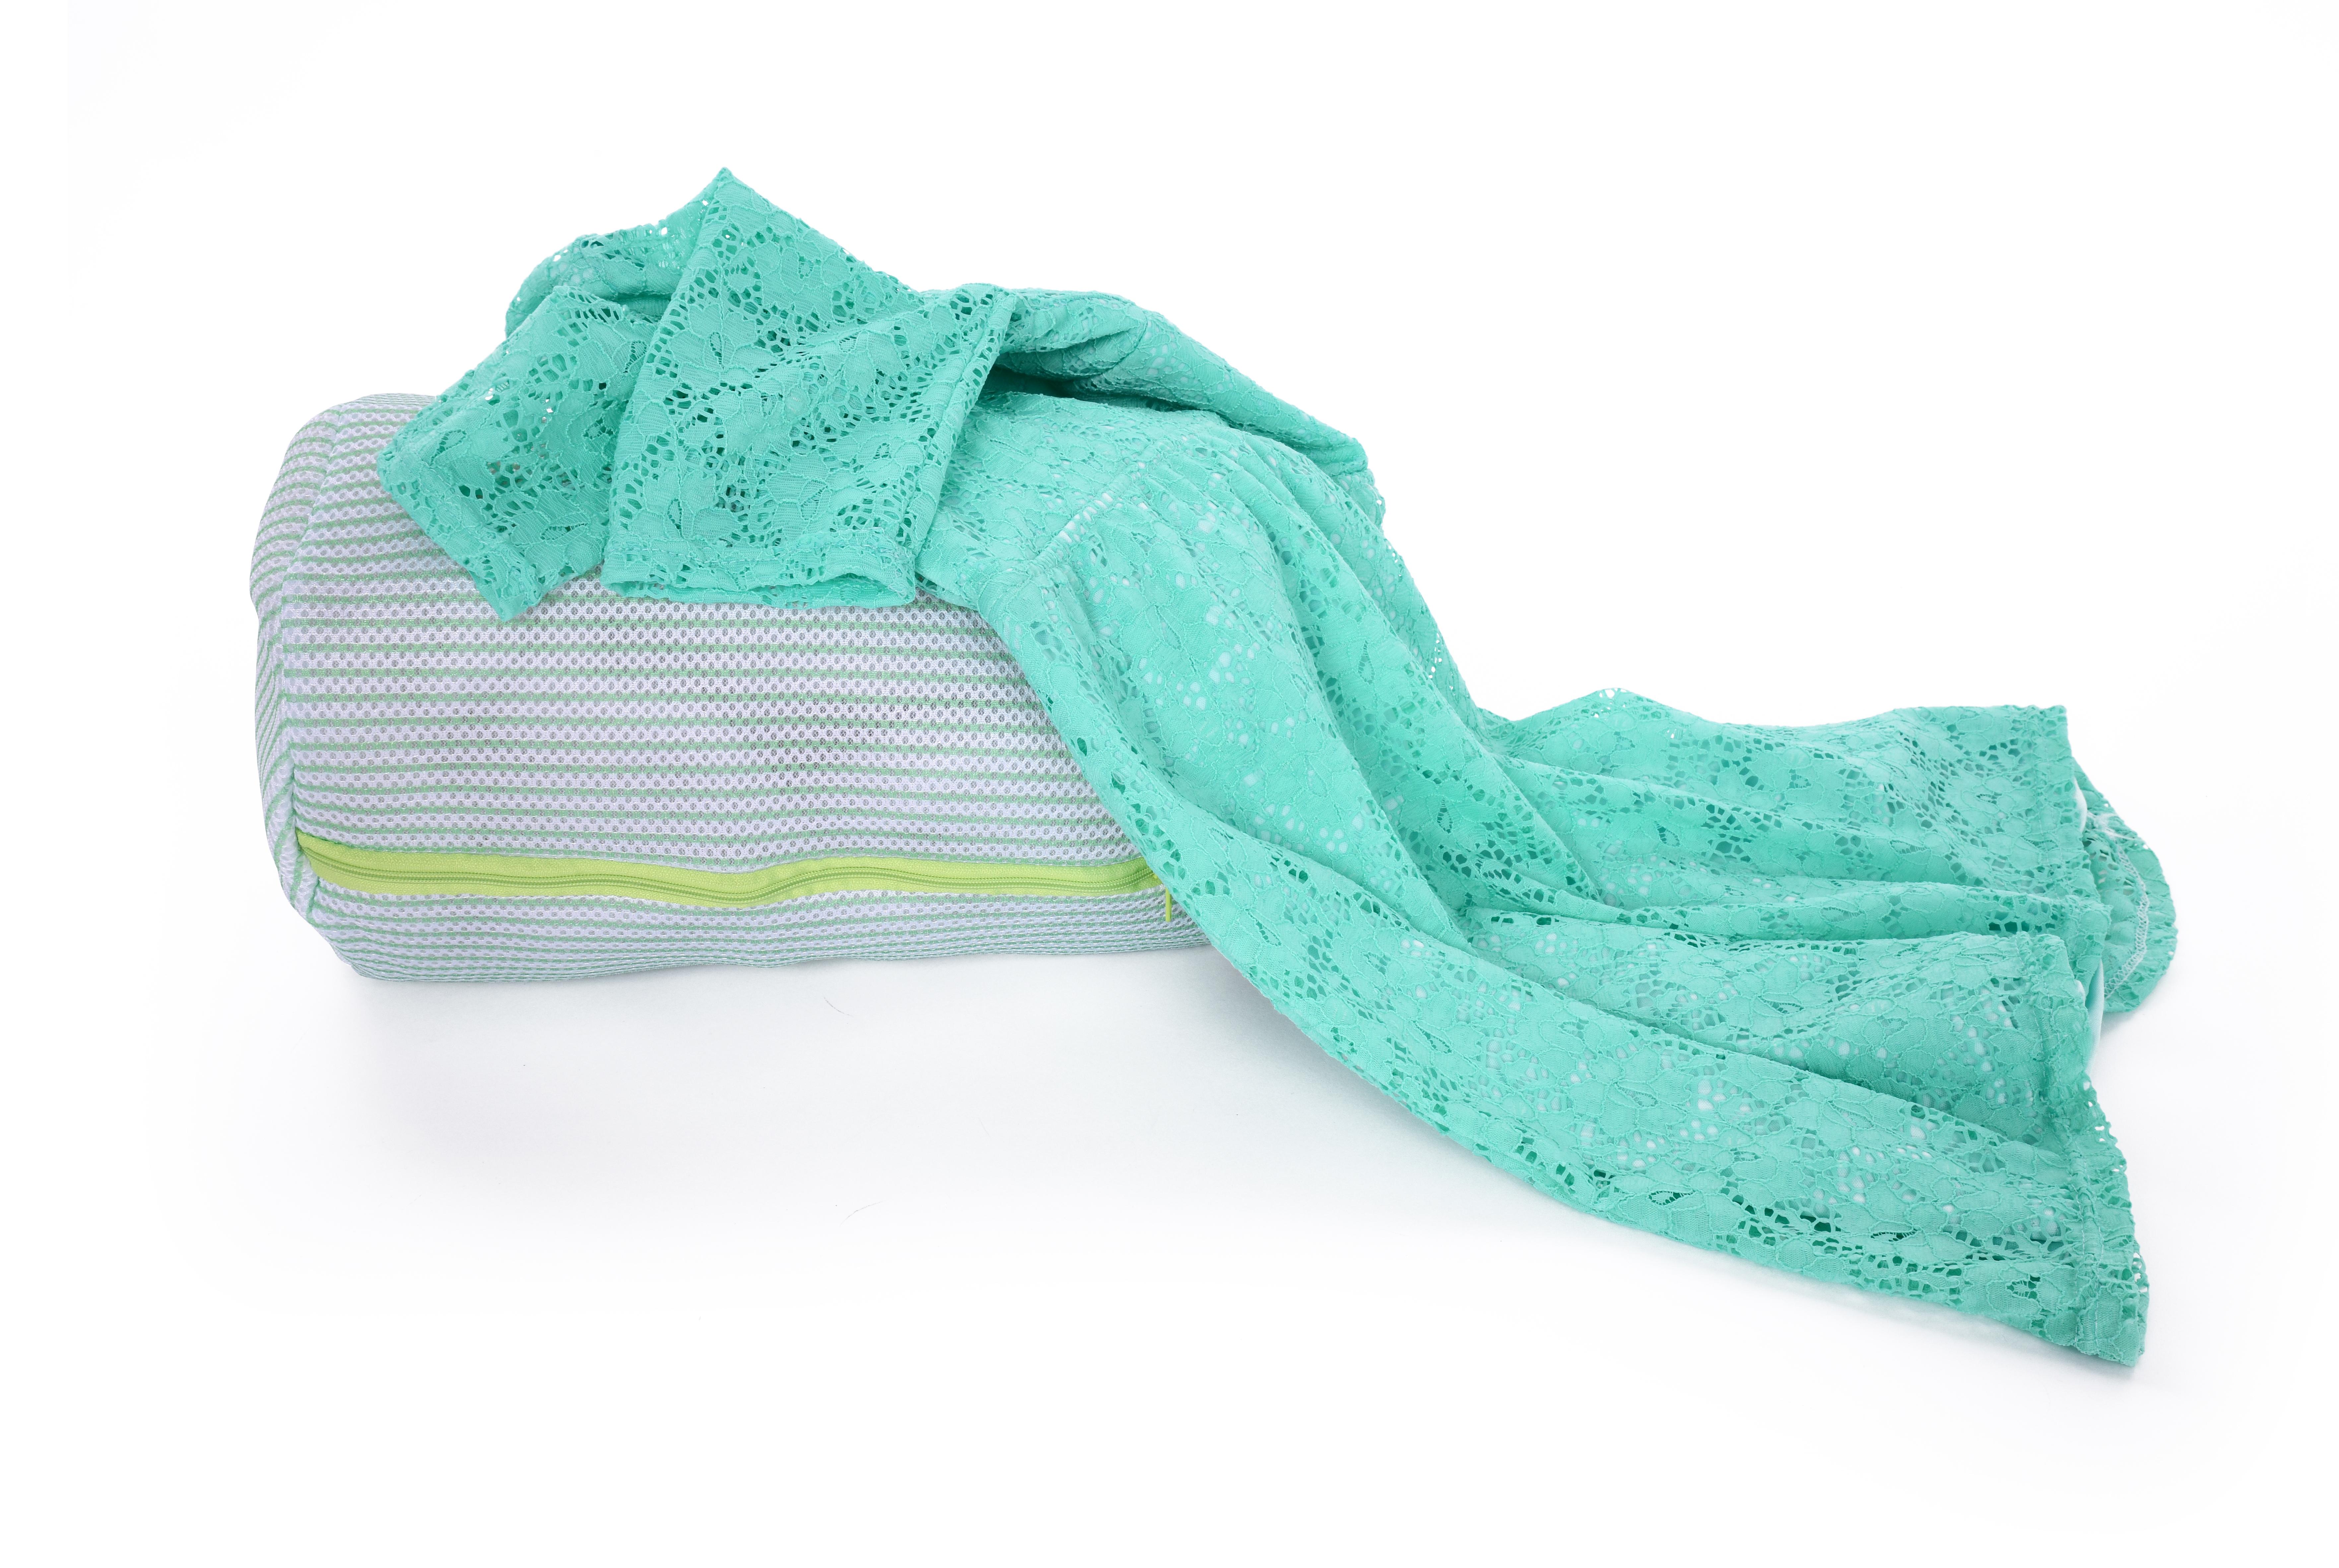 Válec na praní jemného prádla odolná sendvičová síťovina na zip, průměr 22 cm x v 33 cm